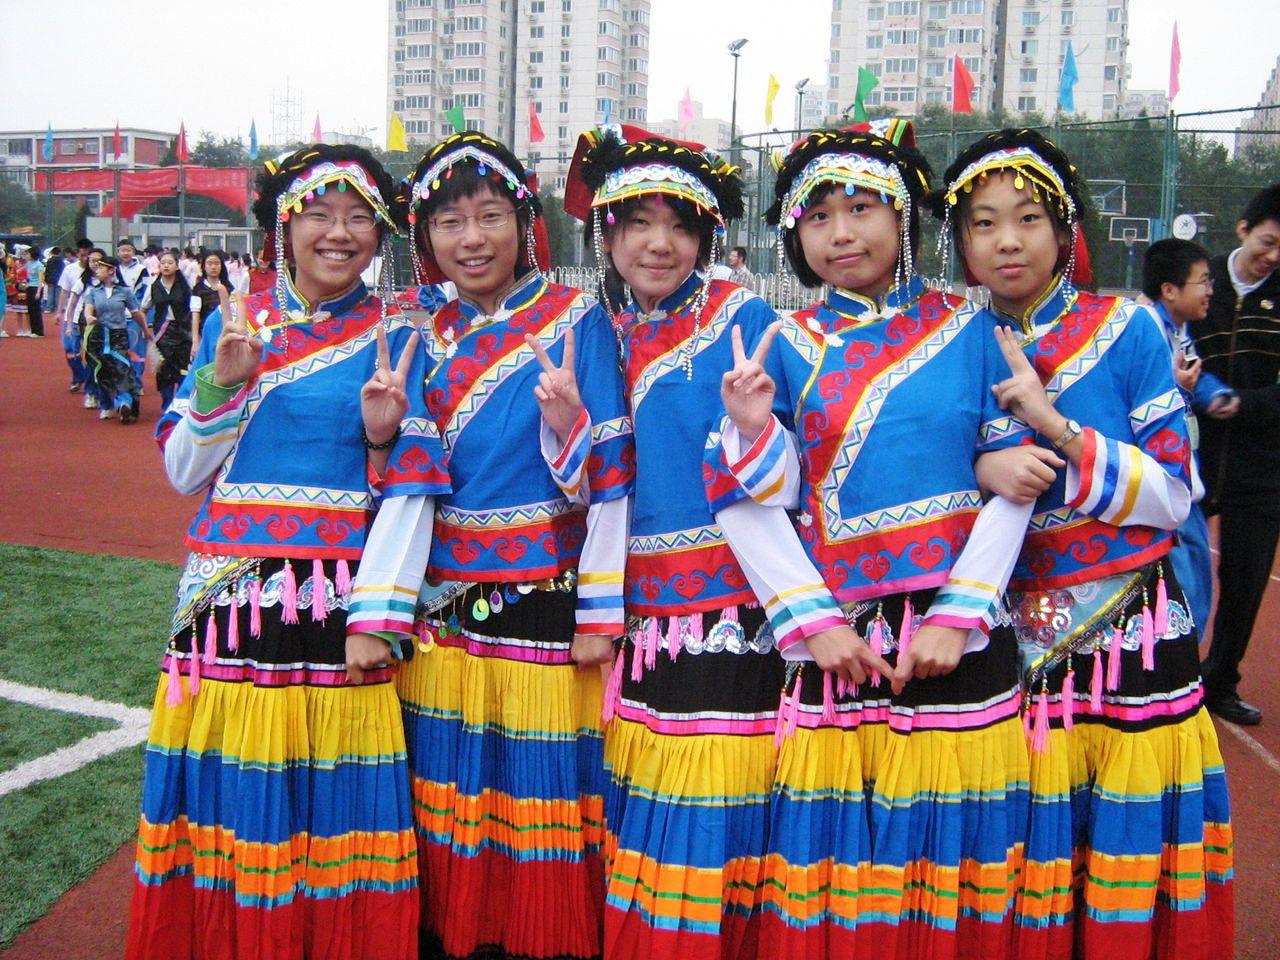 彝族摸奶节:女孩